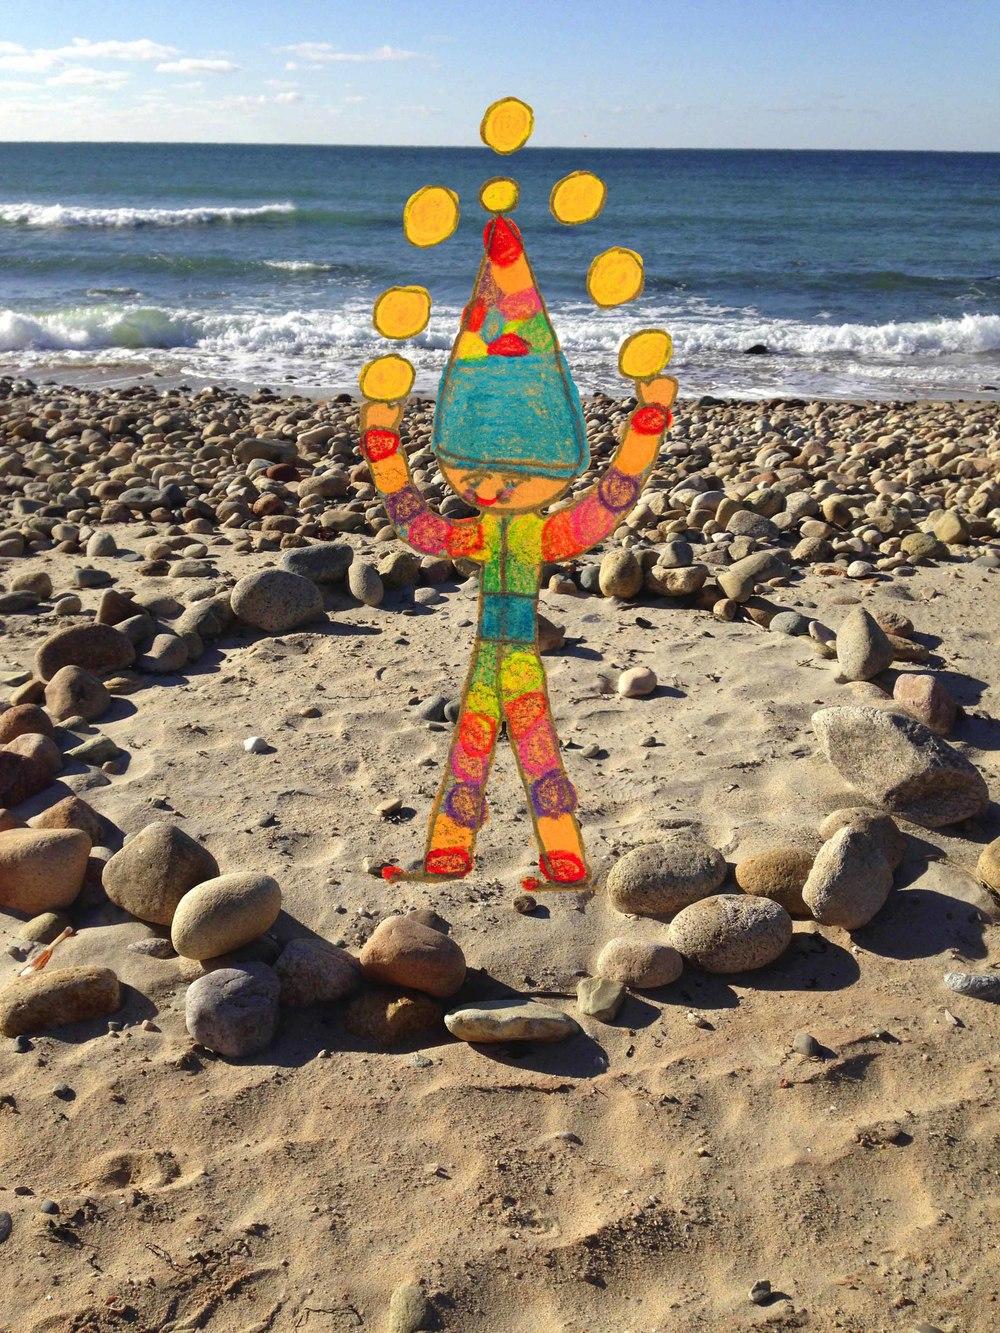 Low Res Philbin Beach Juggler.jpg